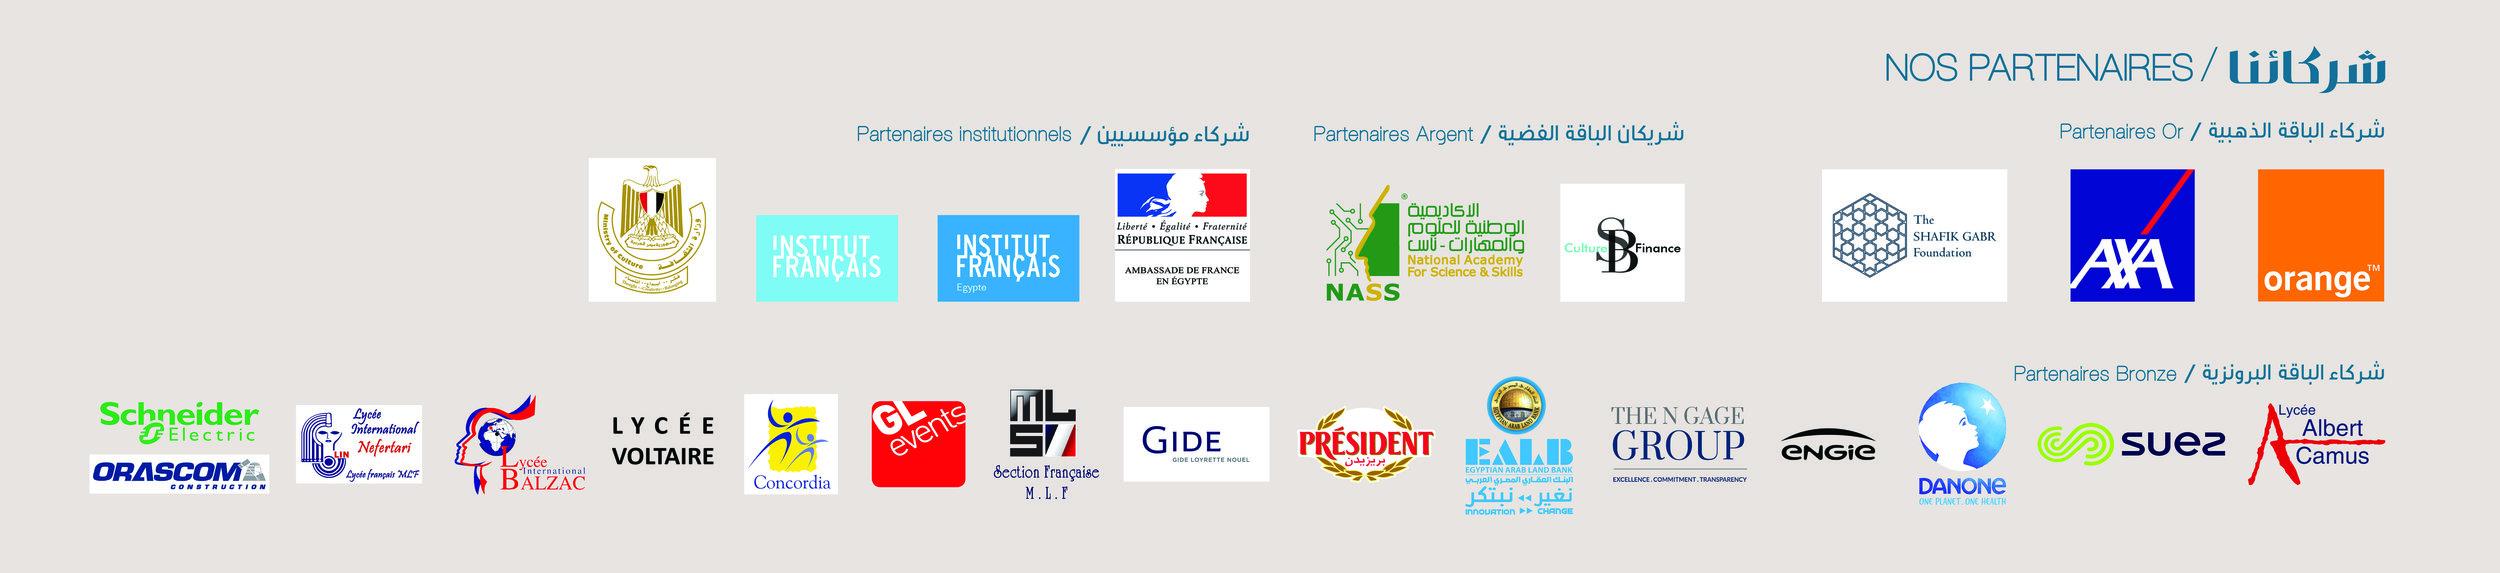 sponsors pour Une du site 8 juillet.jpg